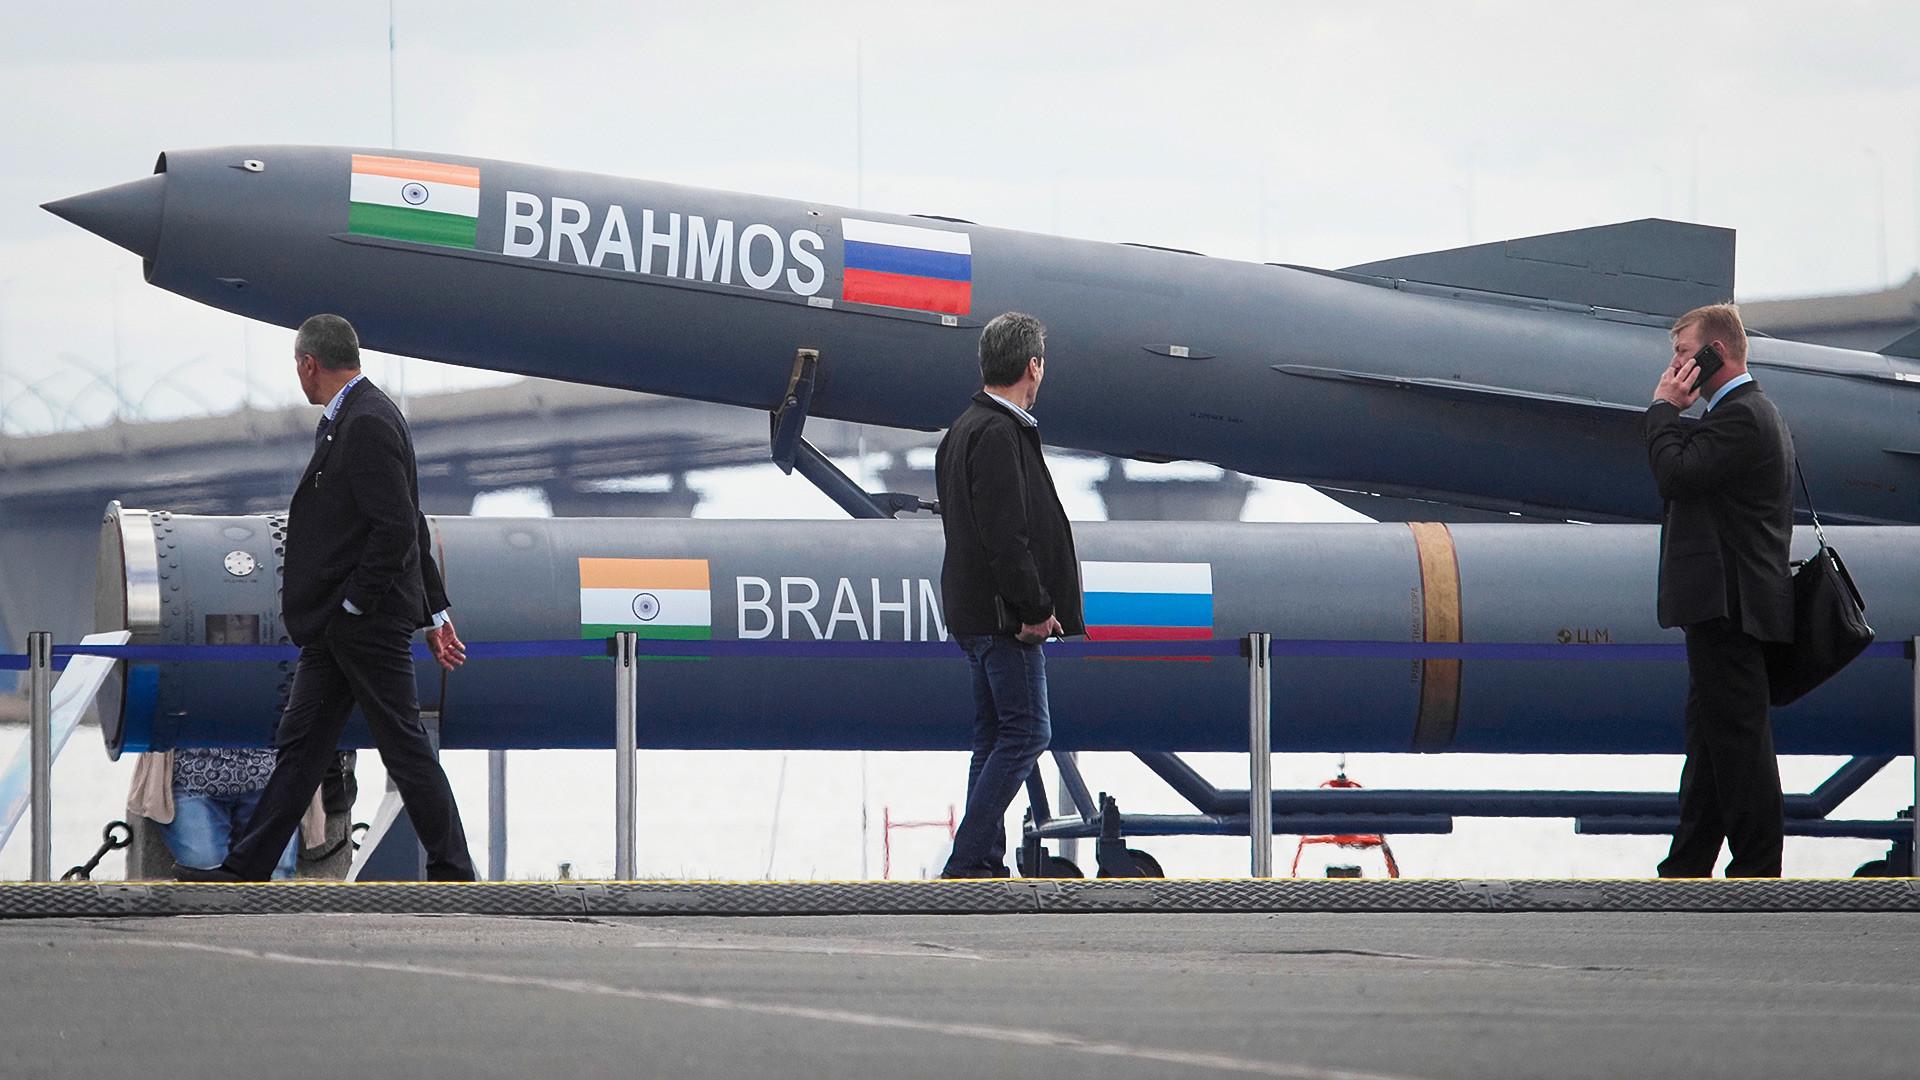 """Посетиоци пролазе испред индијске противбродске ракете """"Брамос"""" на Међународној морнаричкој изложби у Санкт Петербургу, Русија, четвртак 11. јул 2019."""